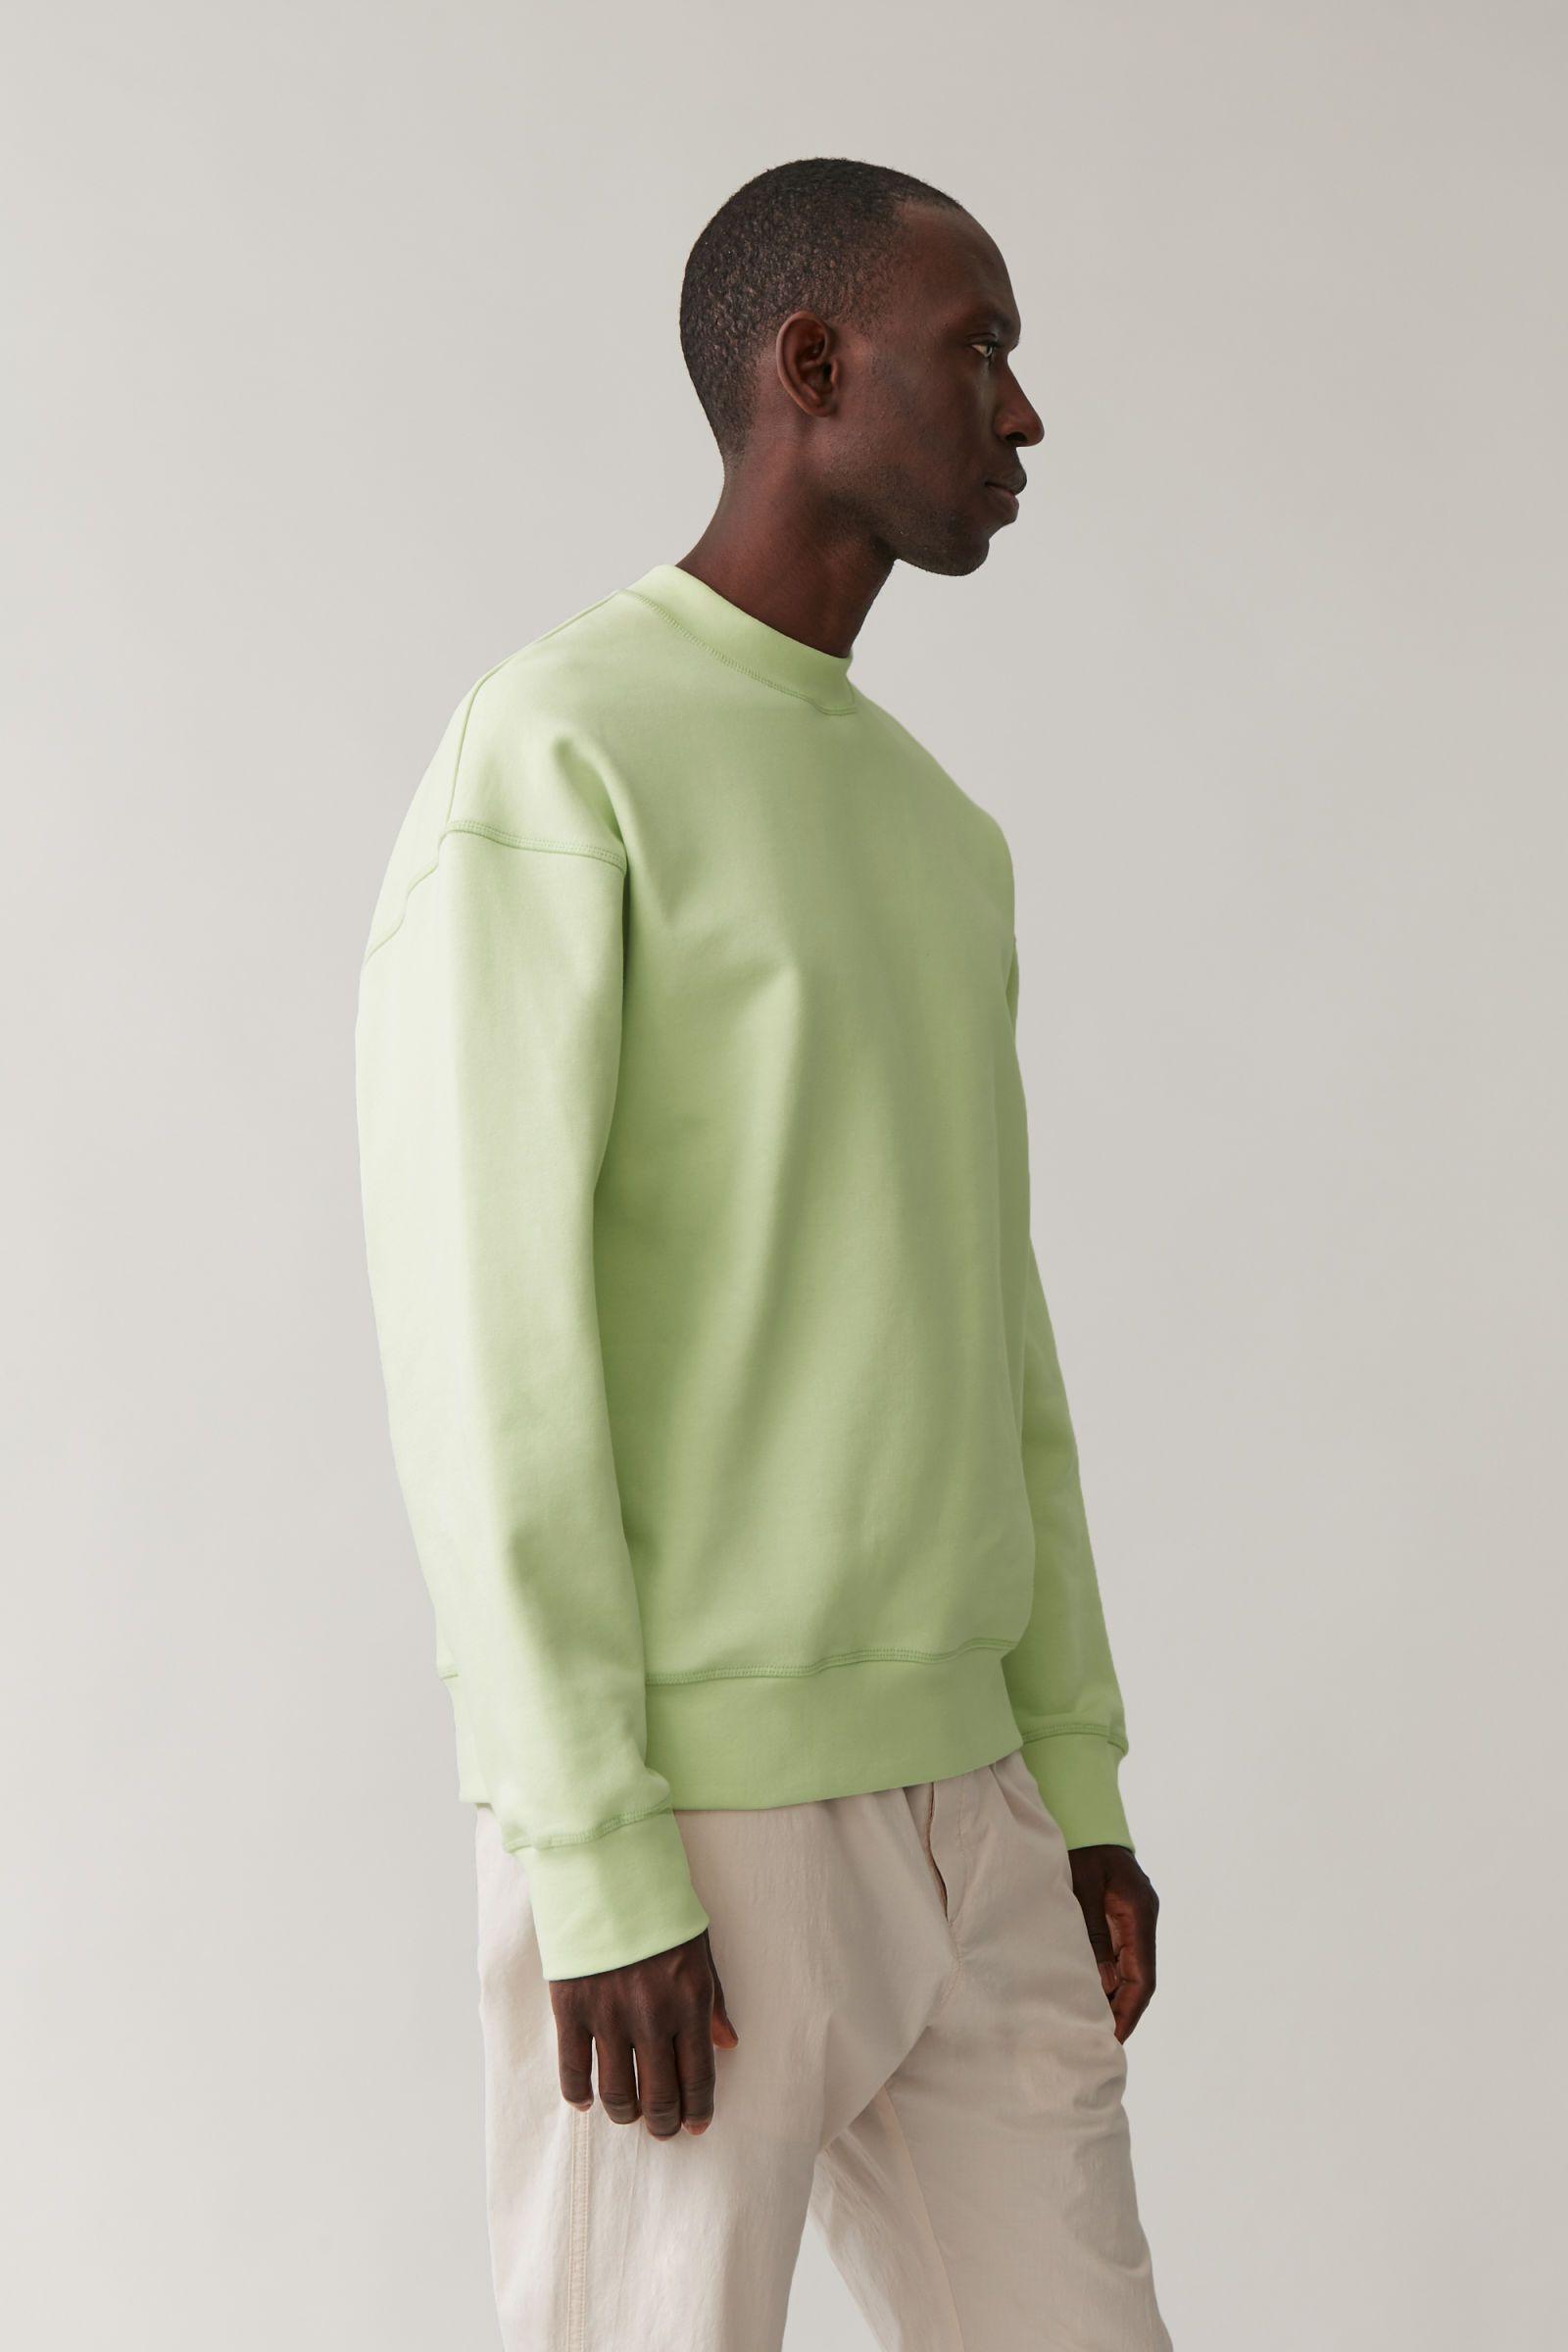 Productpage Long Sleeve Tshirt Men Jersey Sweatshirt Sweatshirts [ 2400 x 1600 Pixel ]